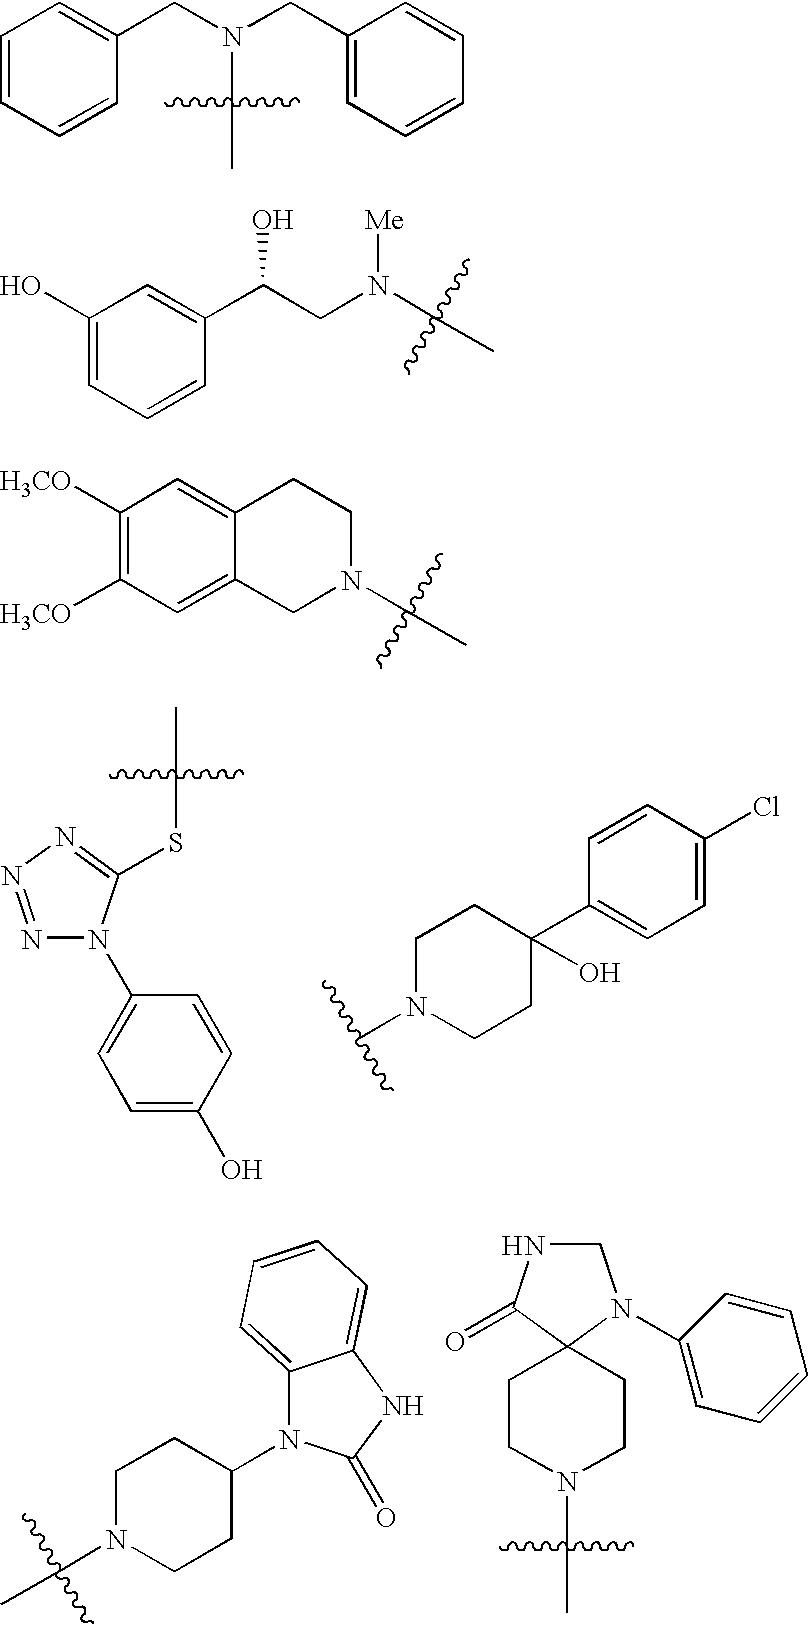 Figure US08222423-20120717-C00143